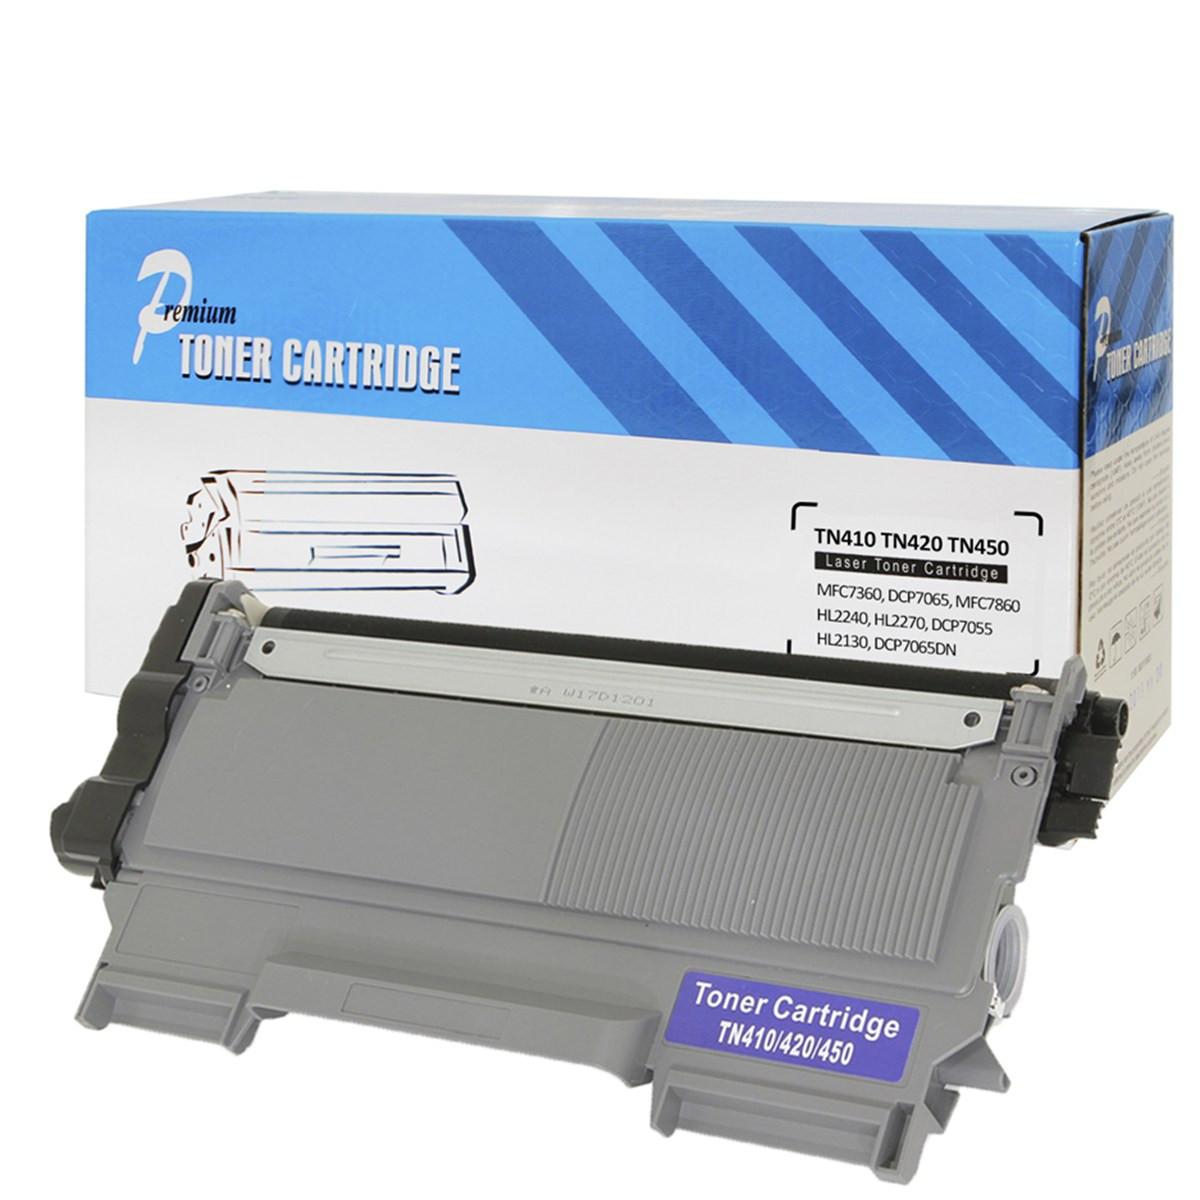 Caixa com 10 Toner Compatível com Brother TN450 TN410 TN420 | 7055 7065DN 2230 2240 7460DN | Premium